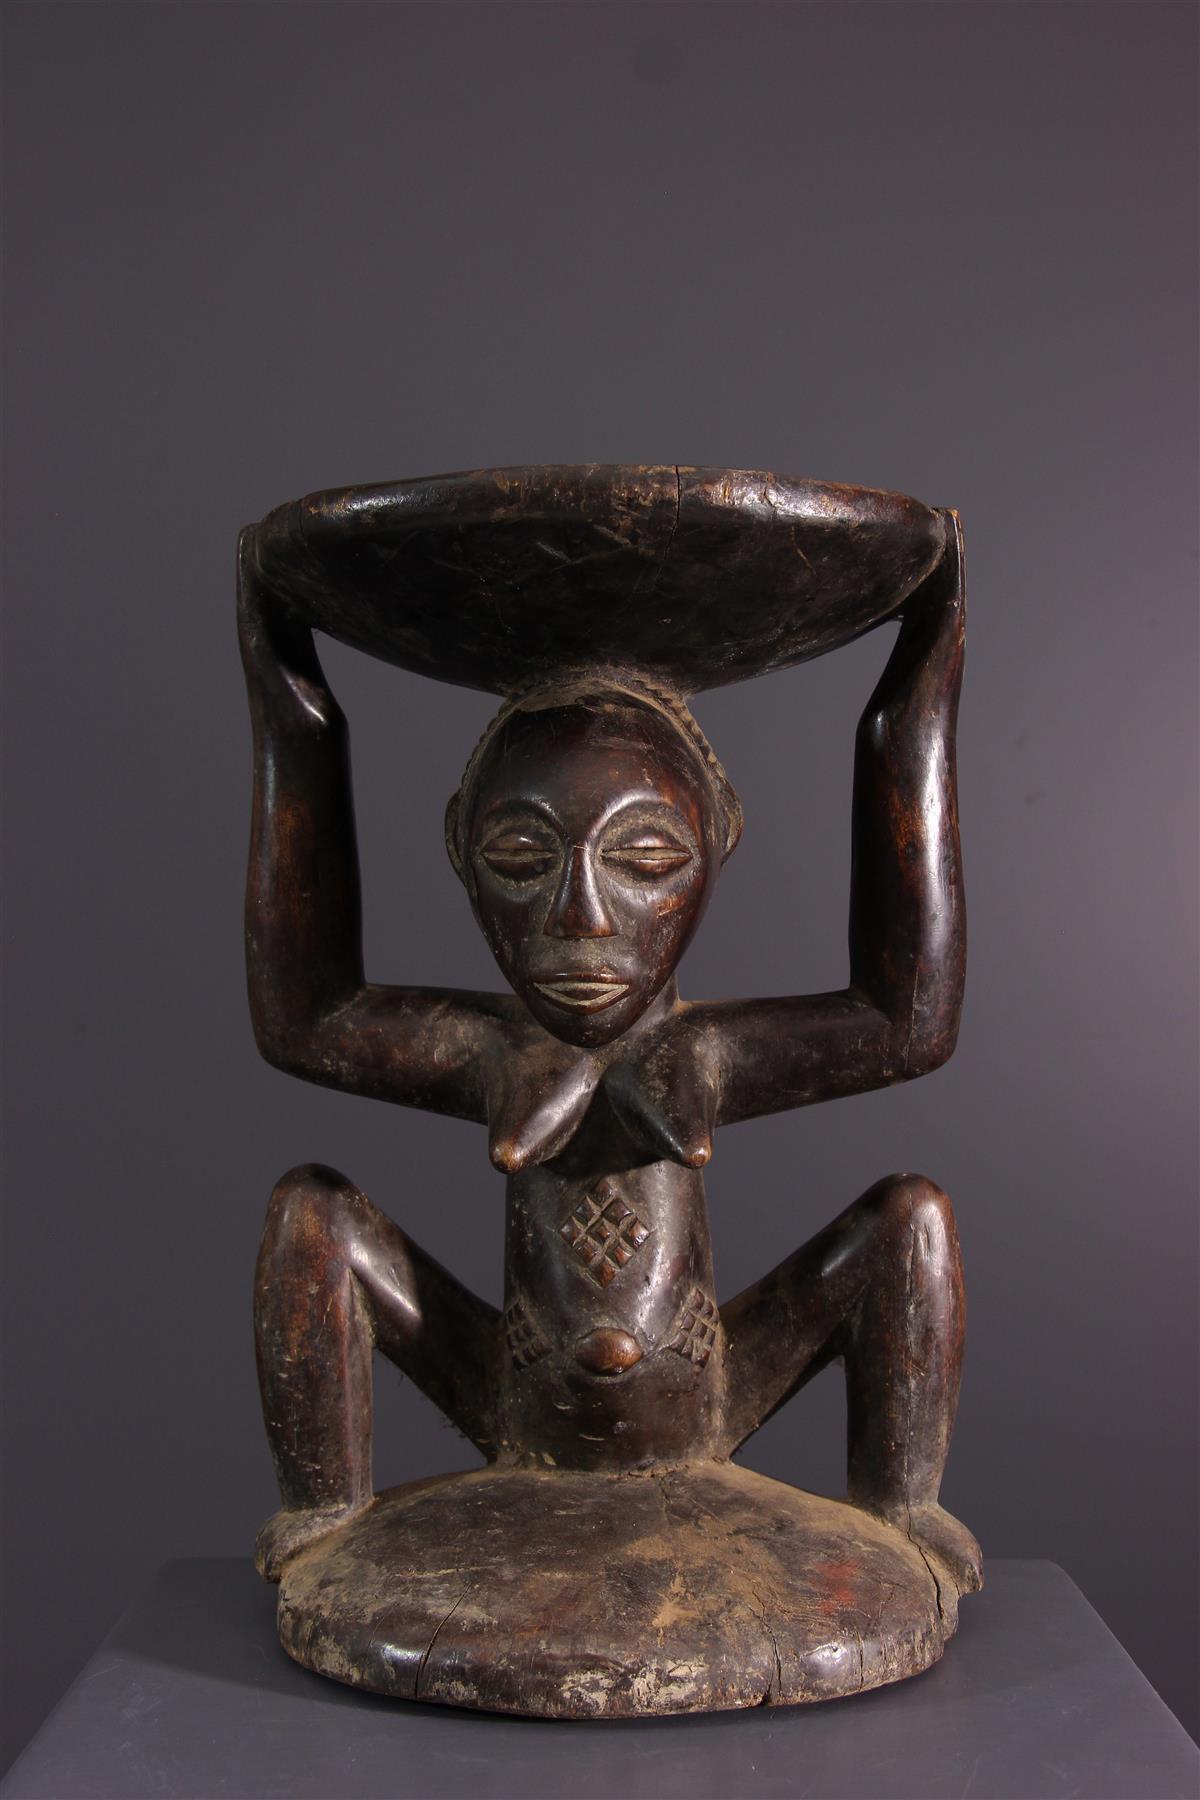 Luba stoel - Afrikaanse kunst